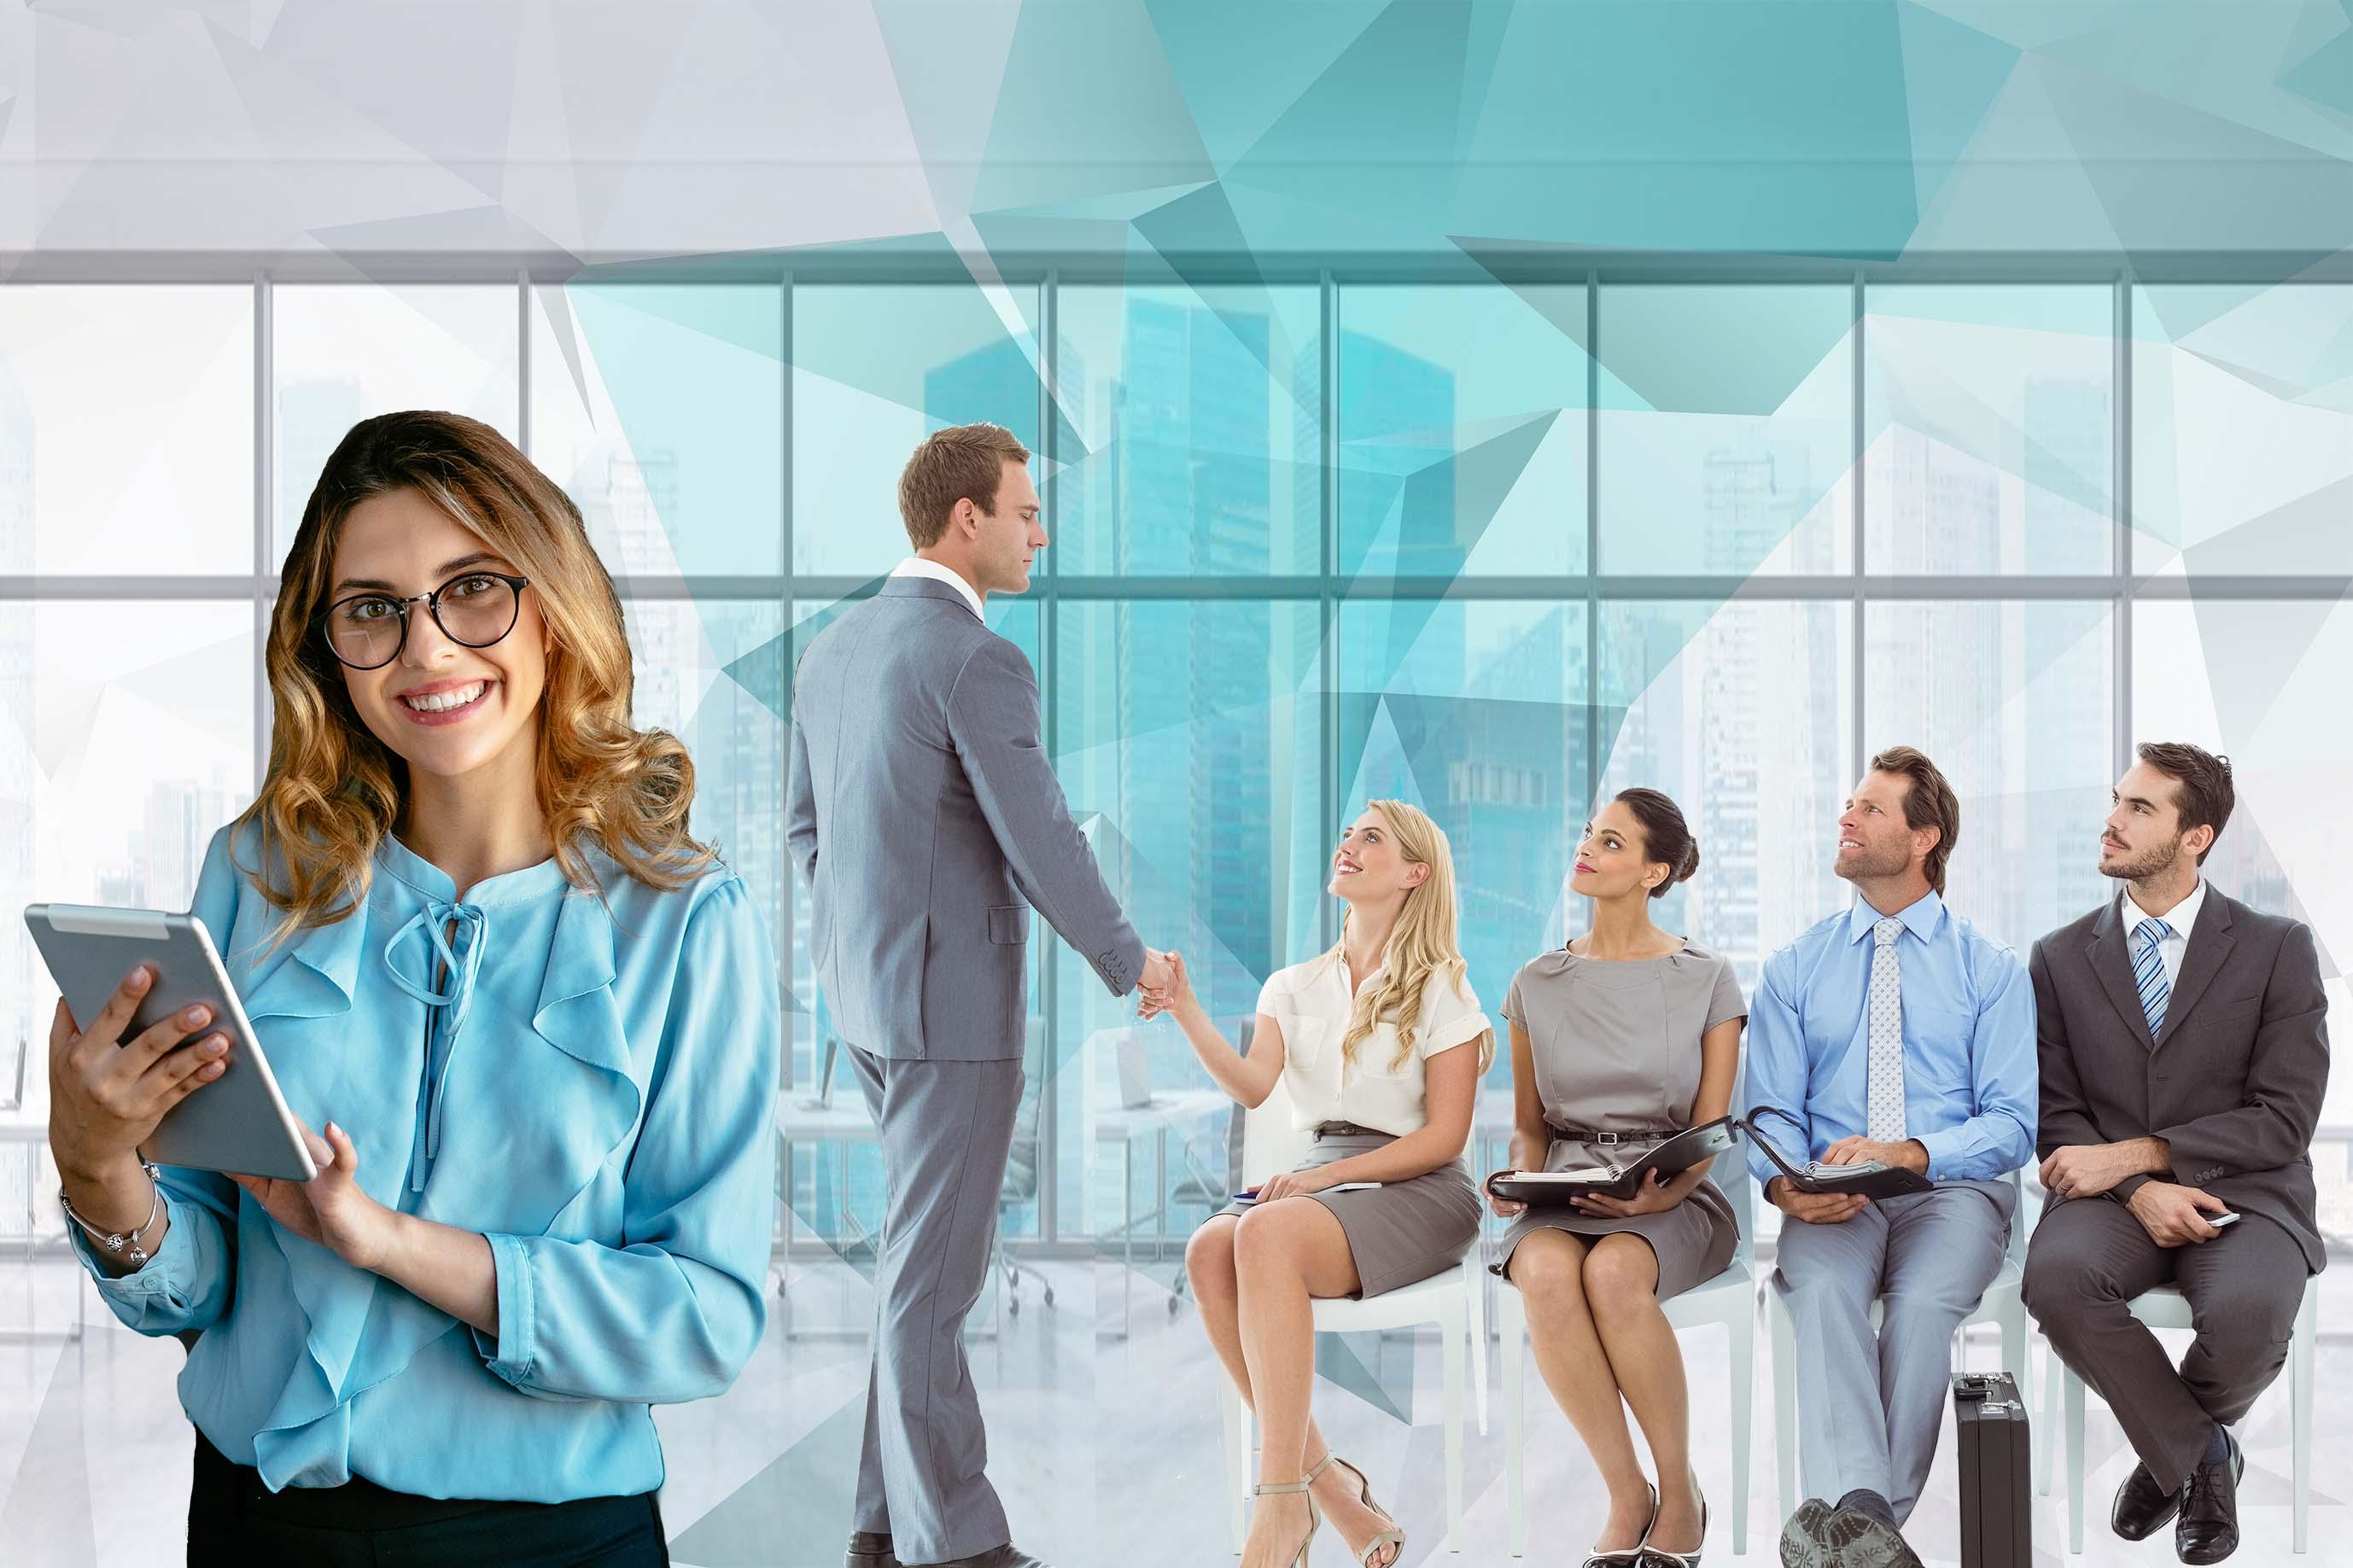 Entrevista por Competencias @ Online